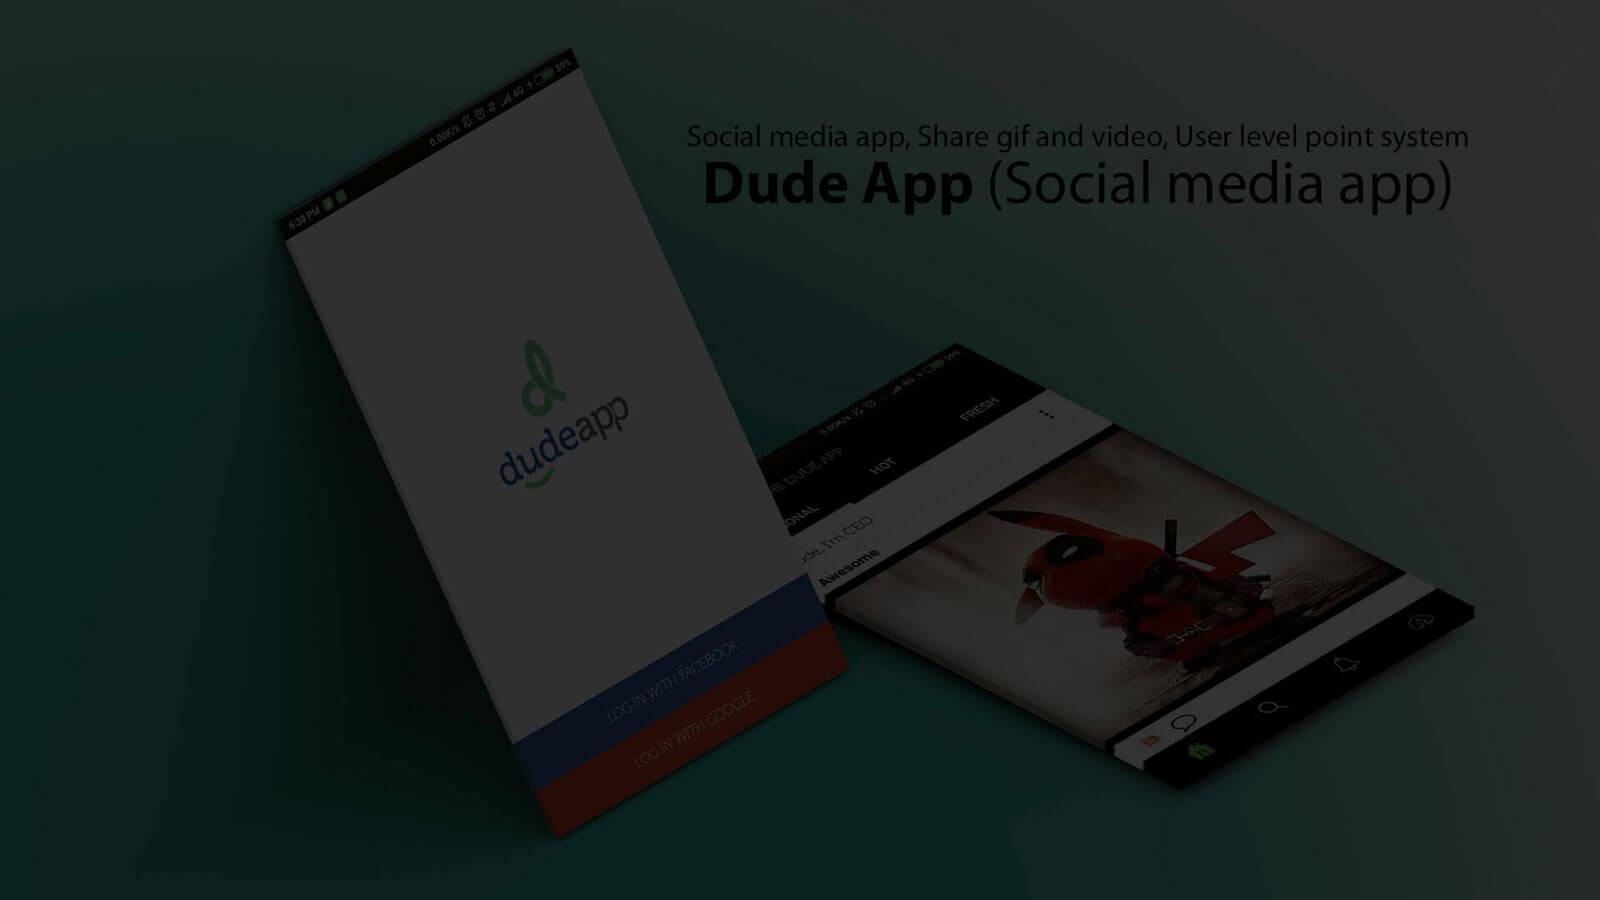 DudeApp